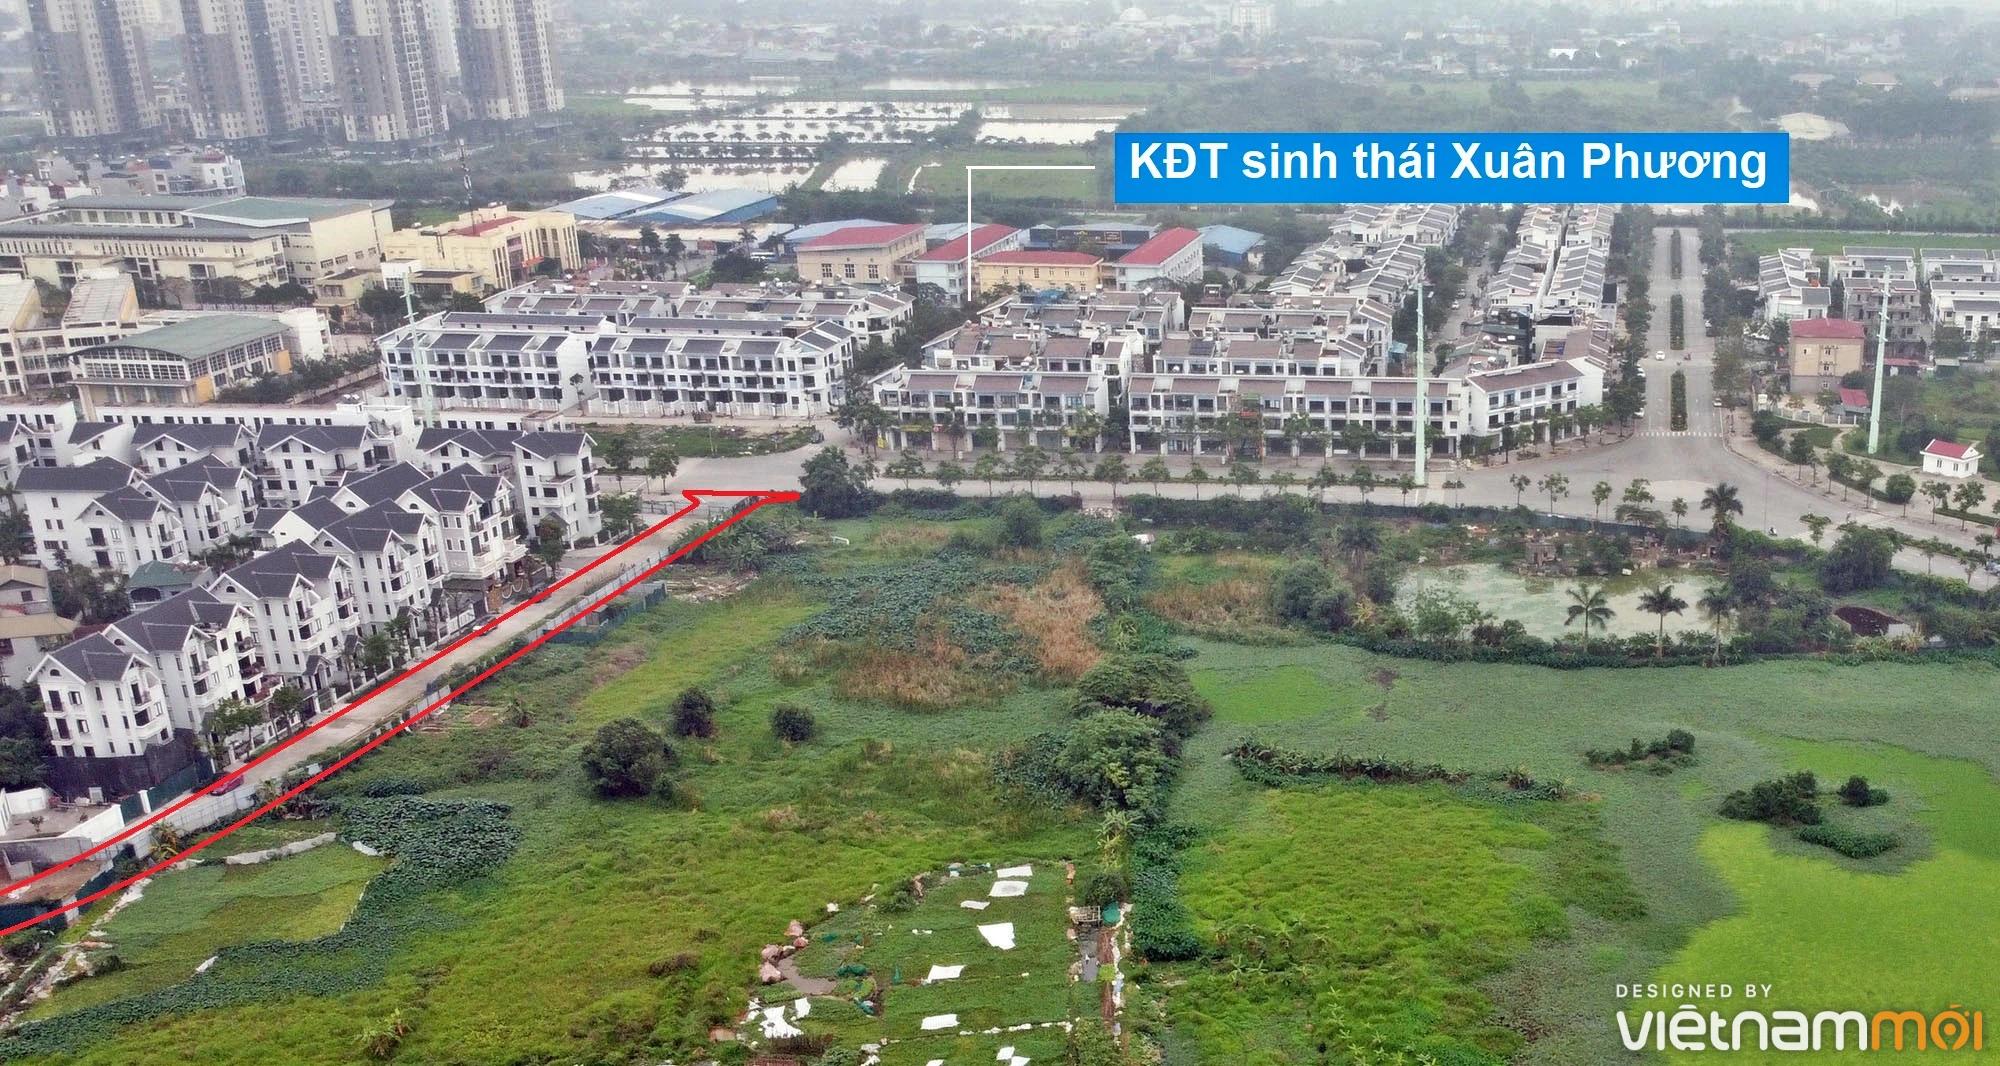 Những khu đất sắp thu hồi để mở đường ở phường Xuân Phương, Nam Từ Liêm, Hà Nội (phần 3) - Ảnh 5.